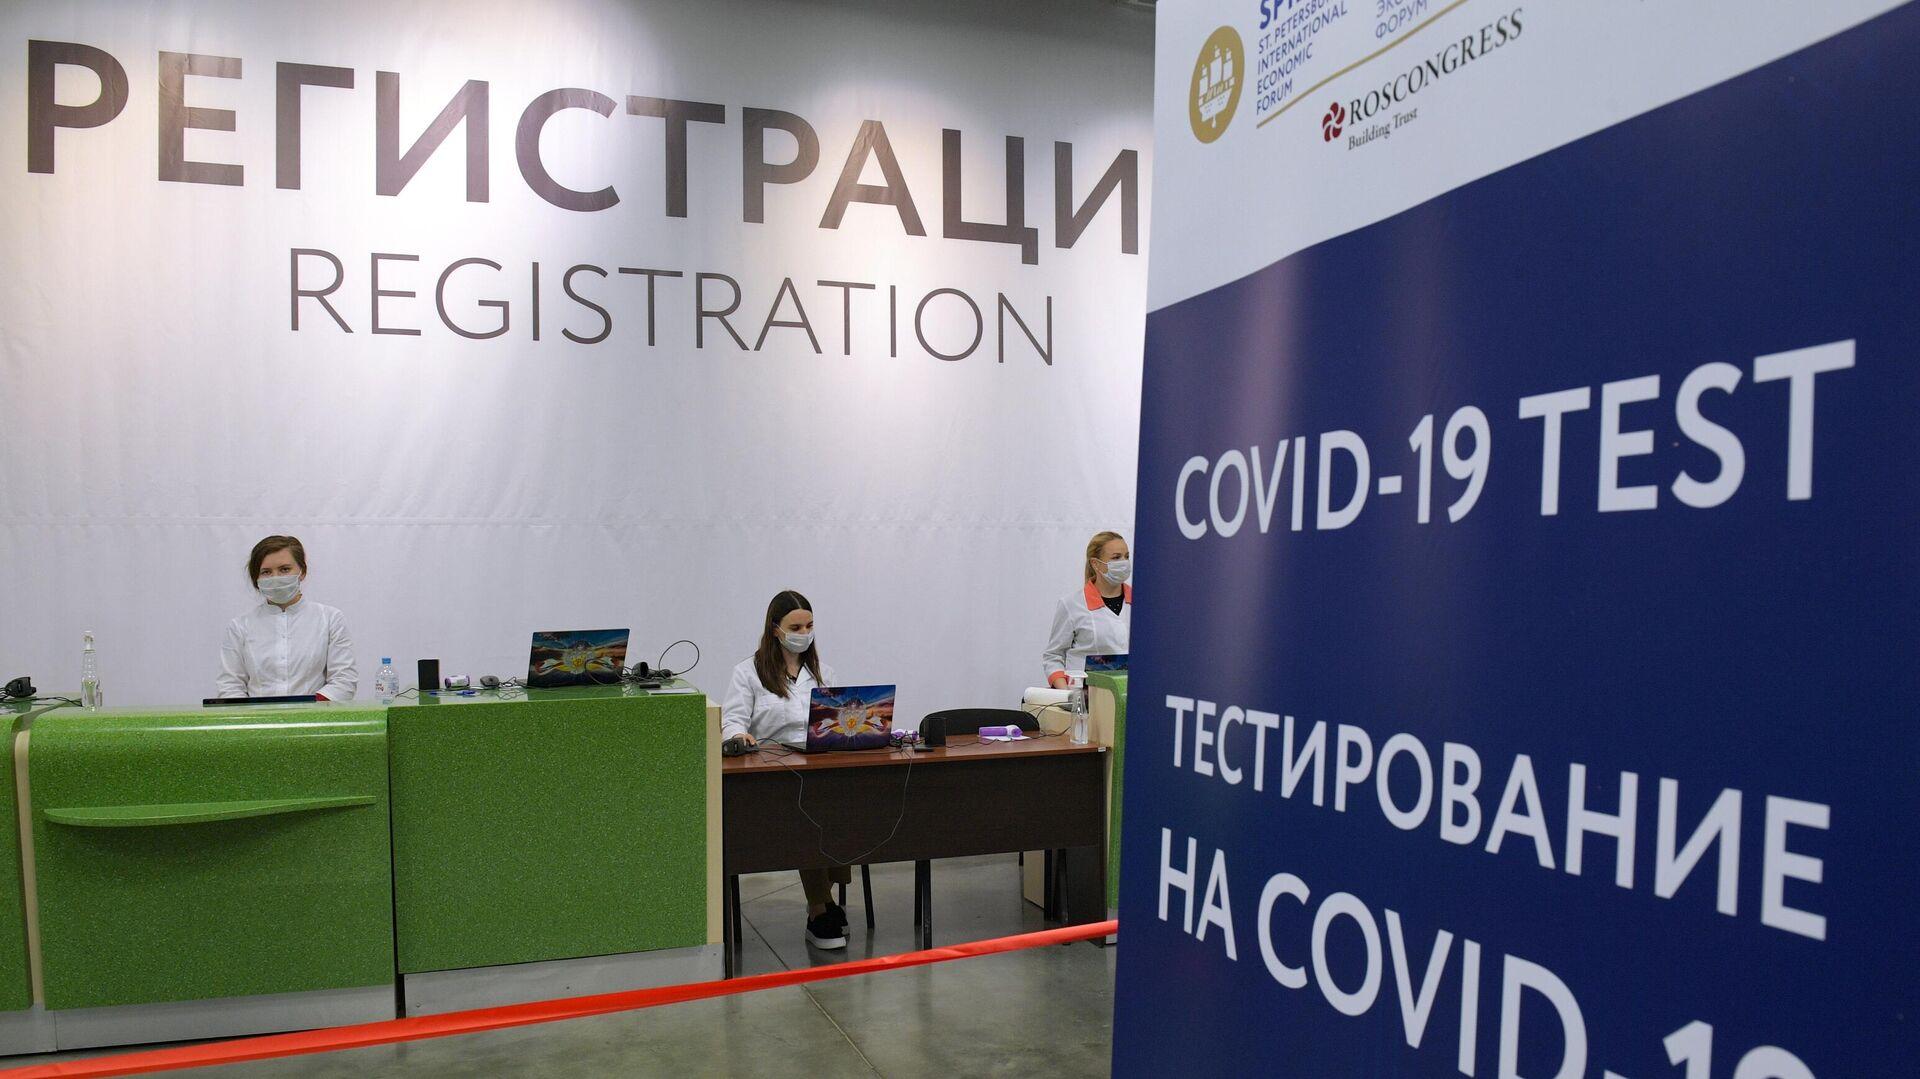 Стойка регистрации пункта тестирования на коронавирус персонала и участников Петербургского международного экономического форума 2021 - РИА Новости, 1920, 05.06.2021